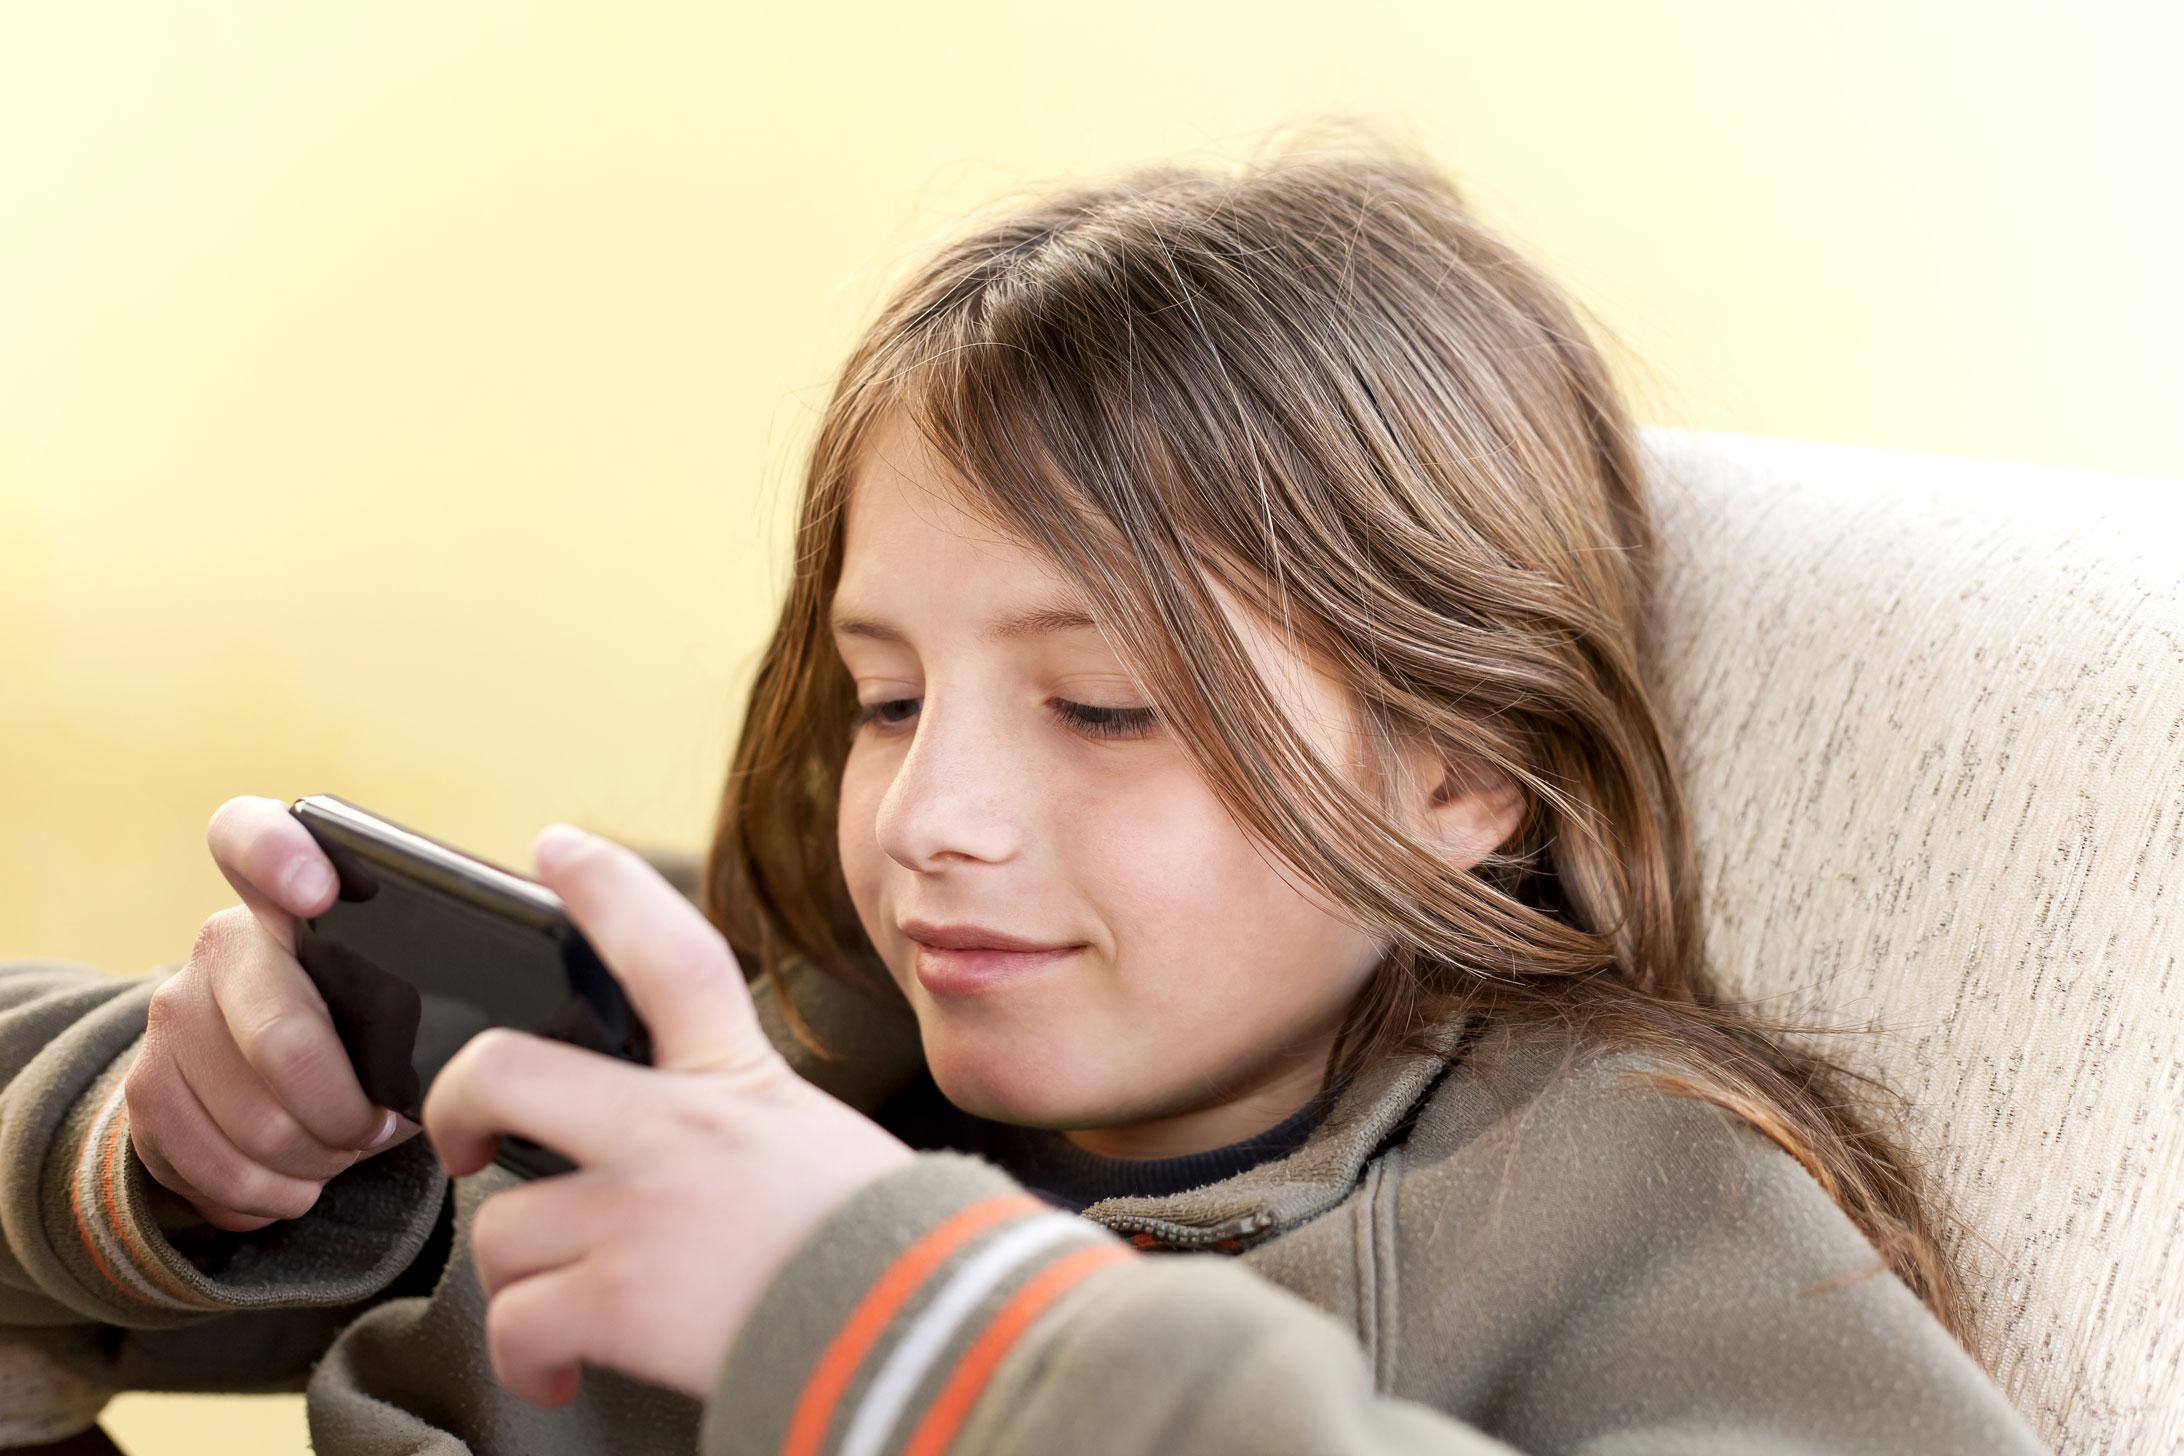 5 Tips Mengehemat Kuota Internet Kamu Saat WFH, Biar Gak Boros 7